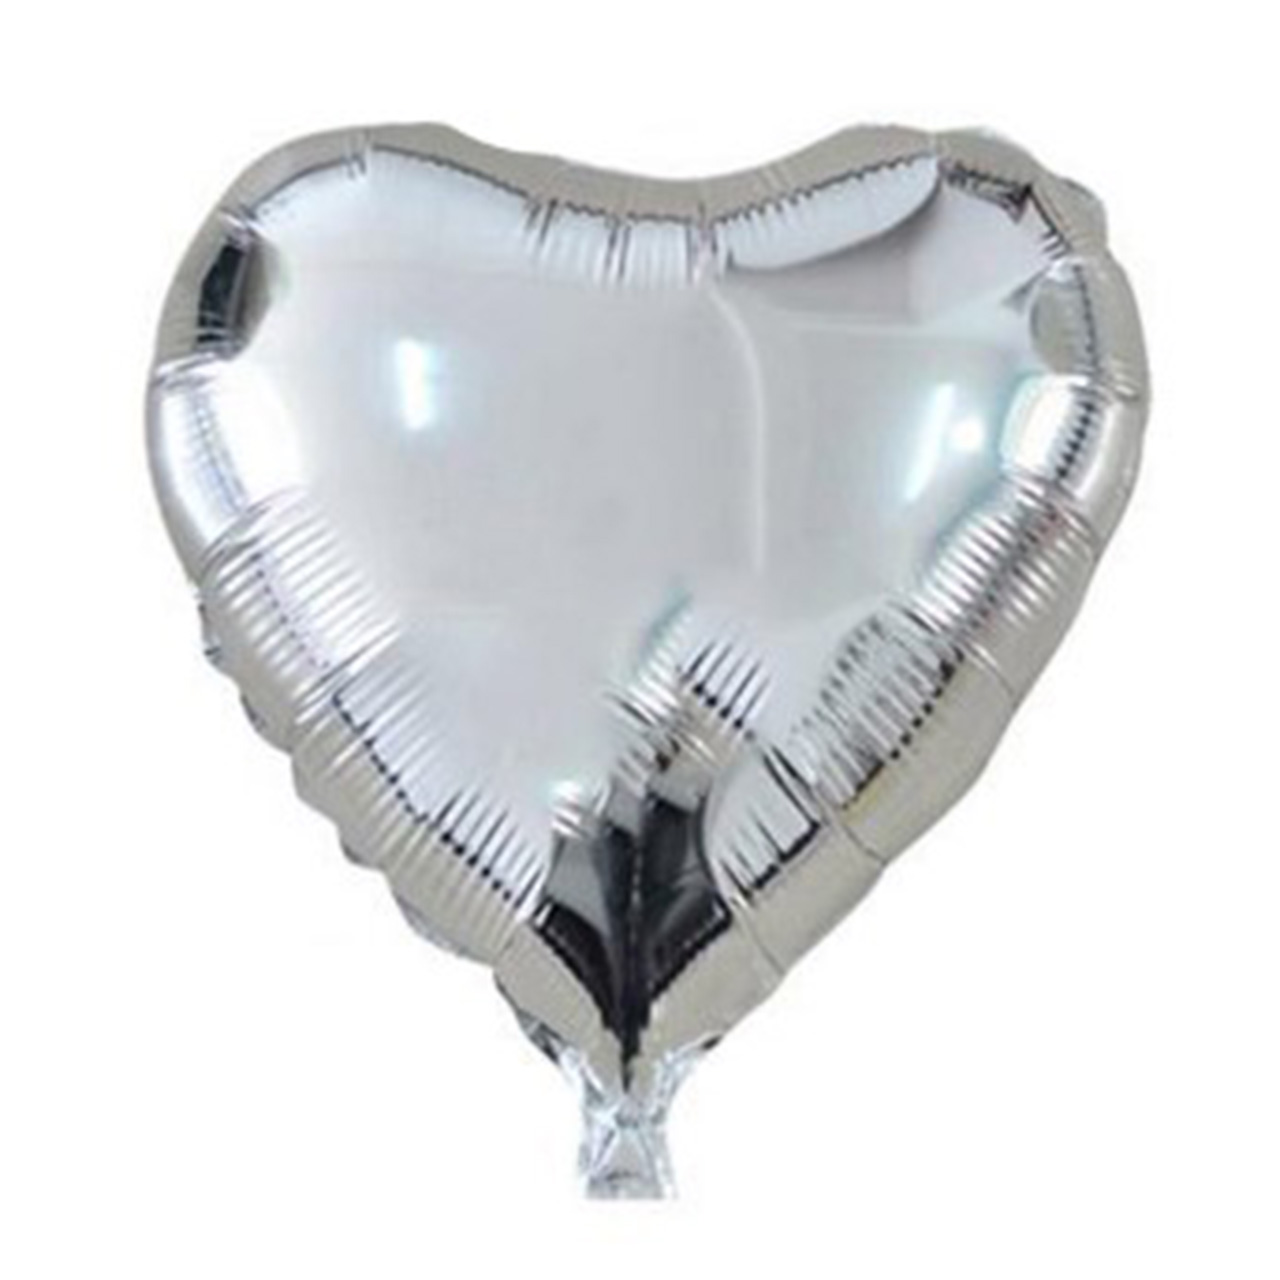 بادکنک فویلی مدل قلب نقره ای 18 اینچ سایز 120